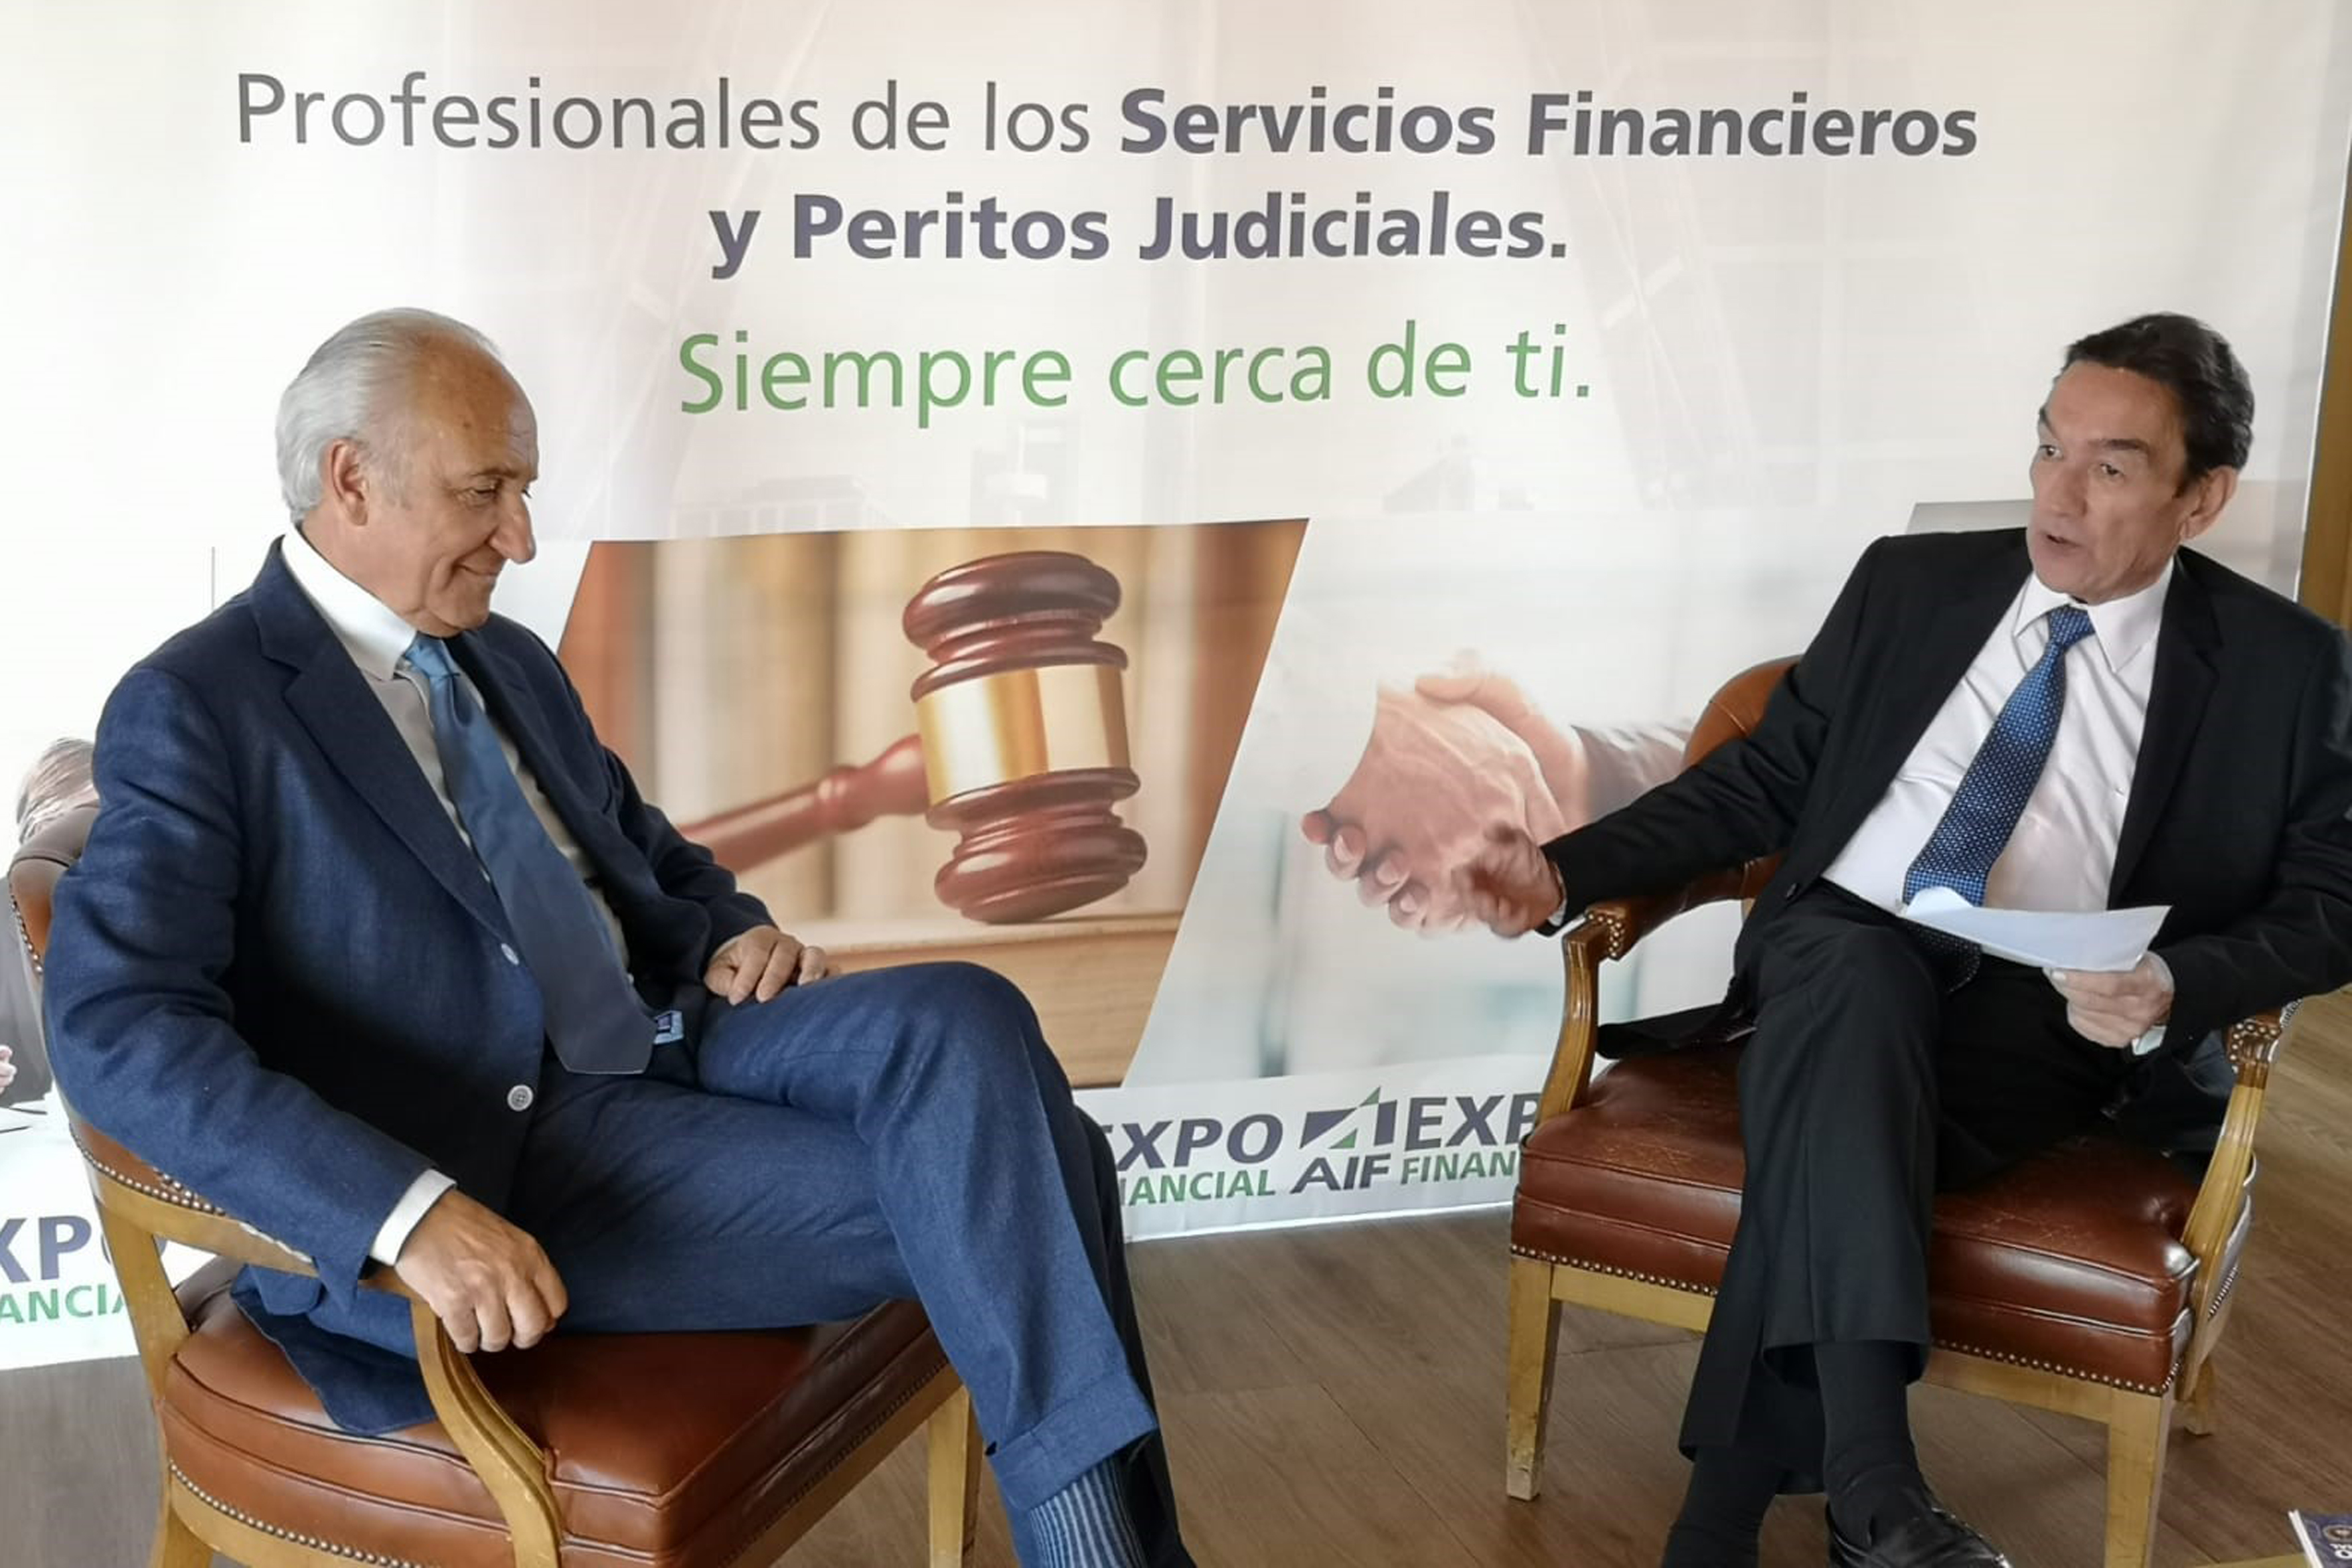 Sr. Ricardo Arranz